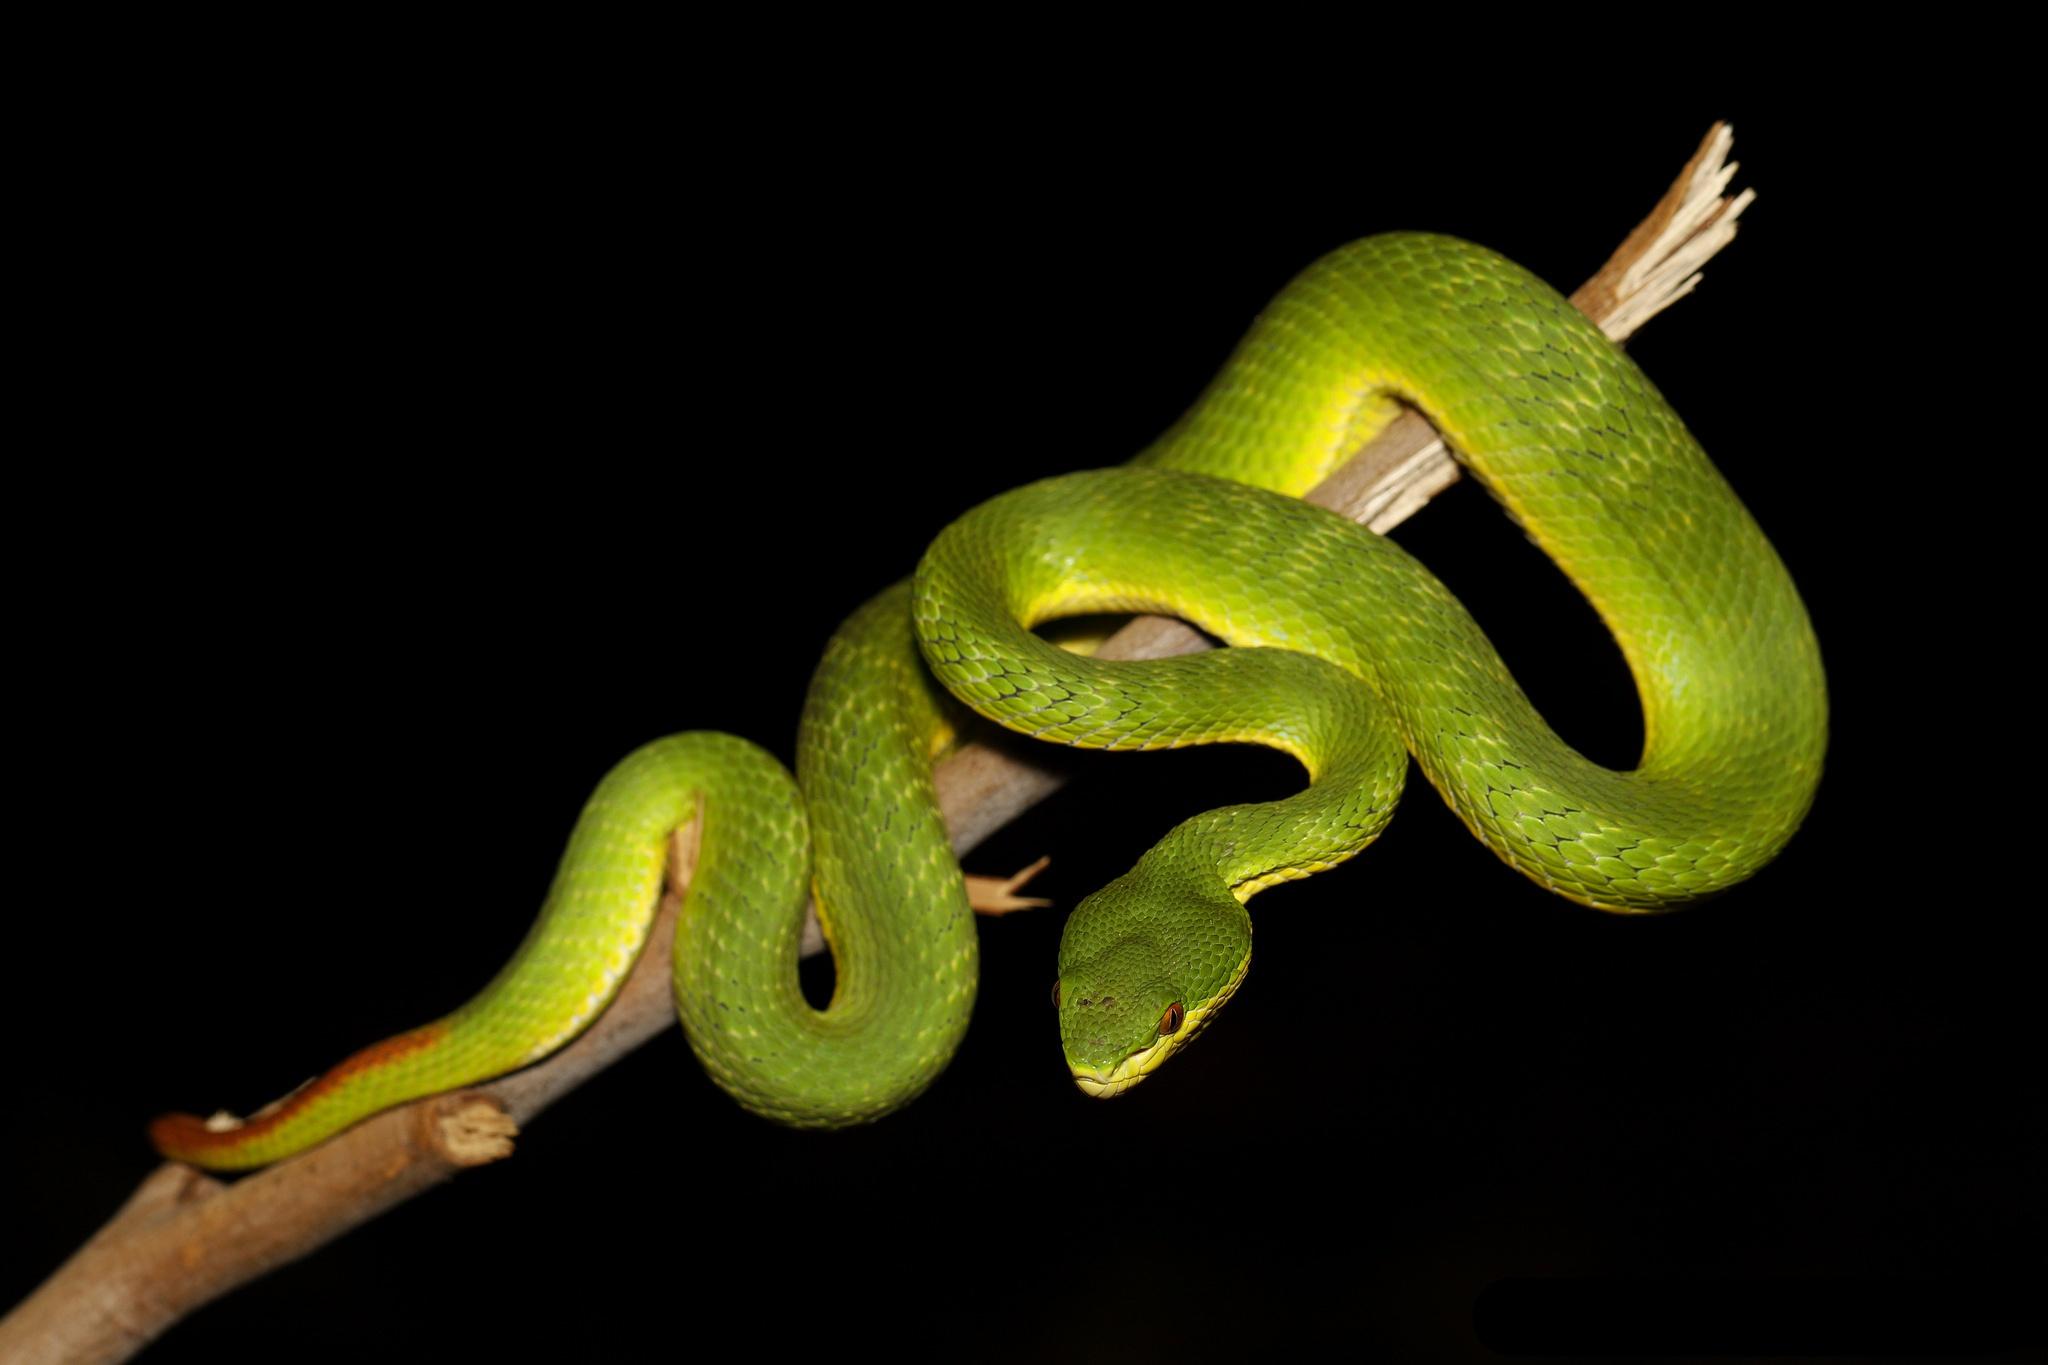 Картинки на телефон движущиеся змеи